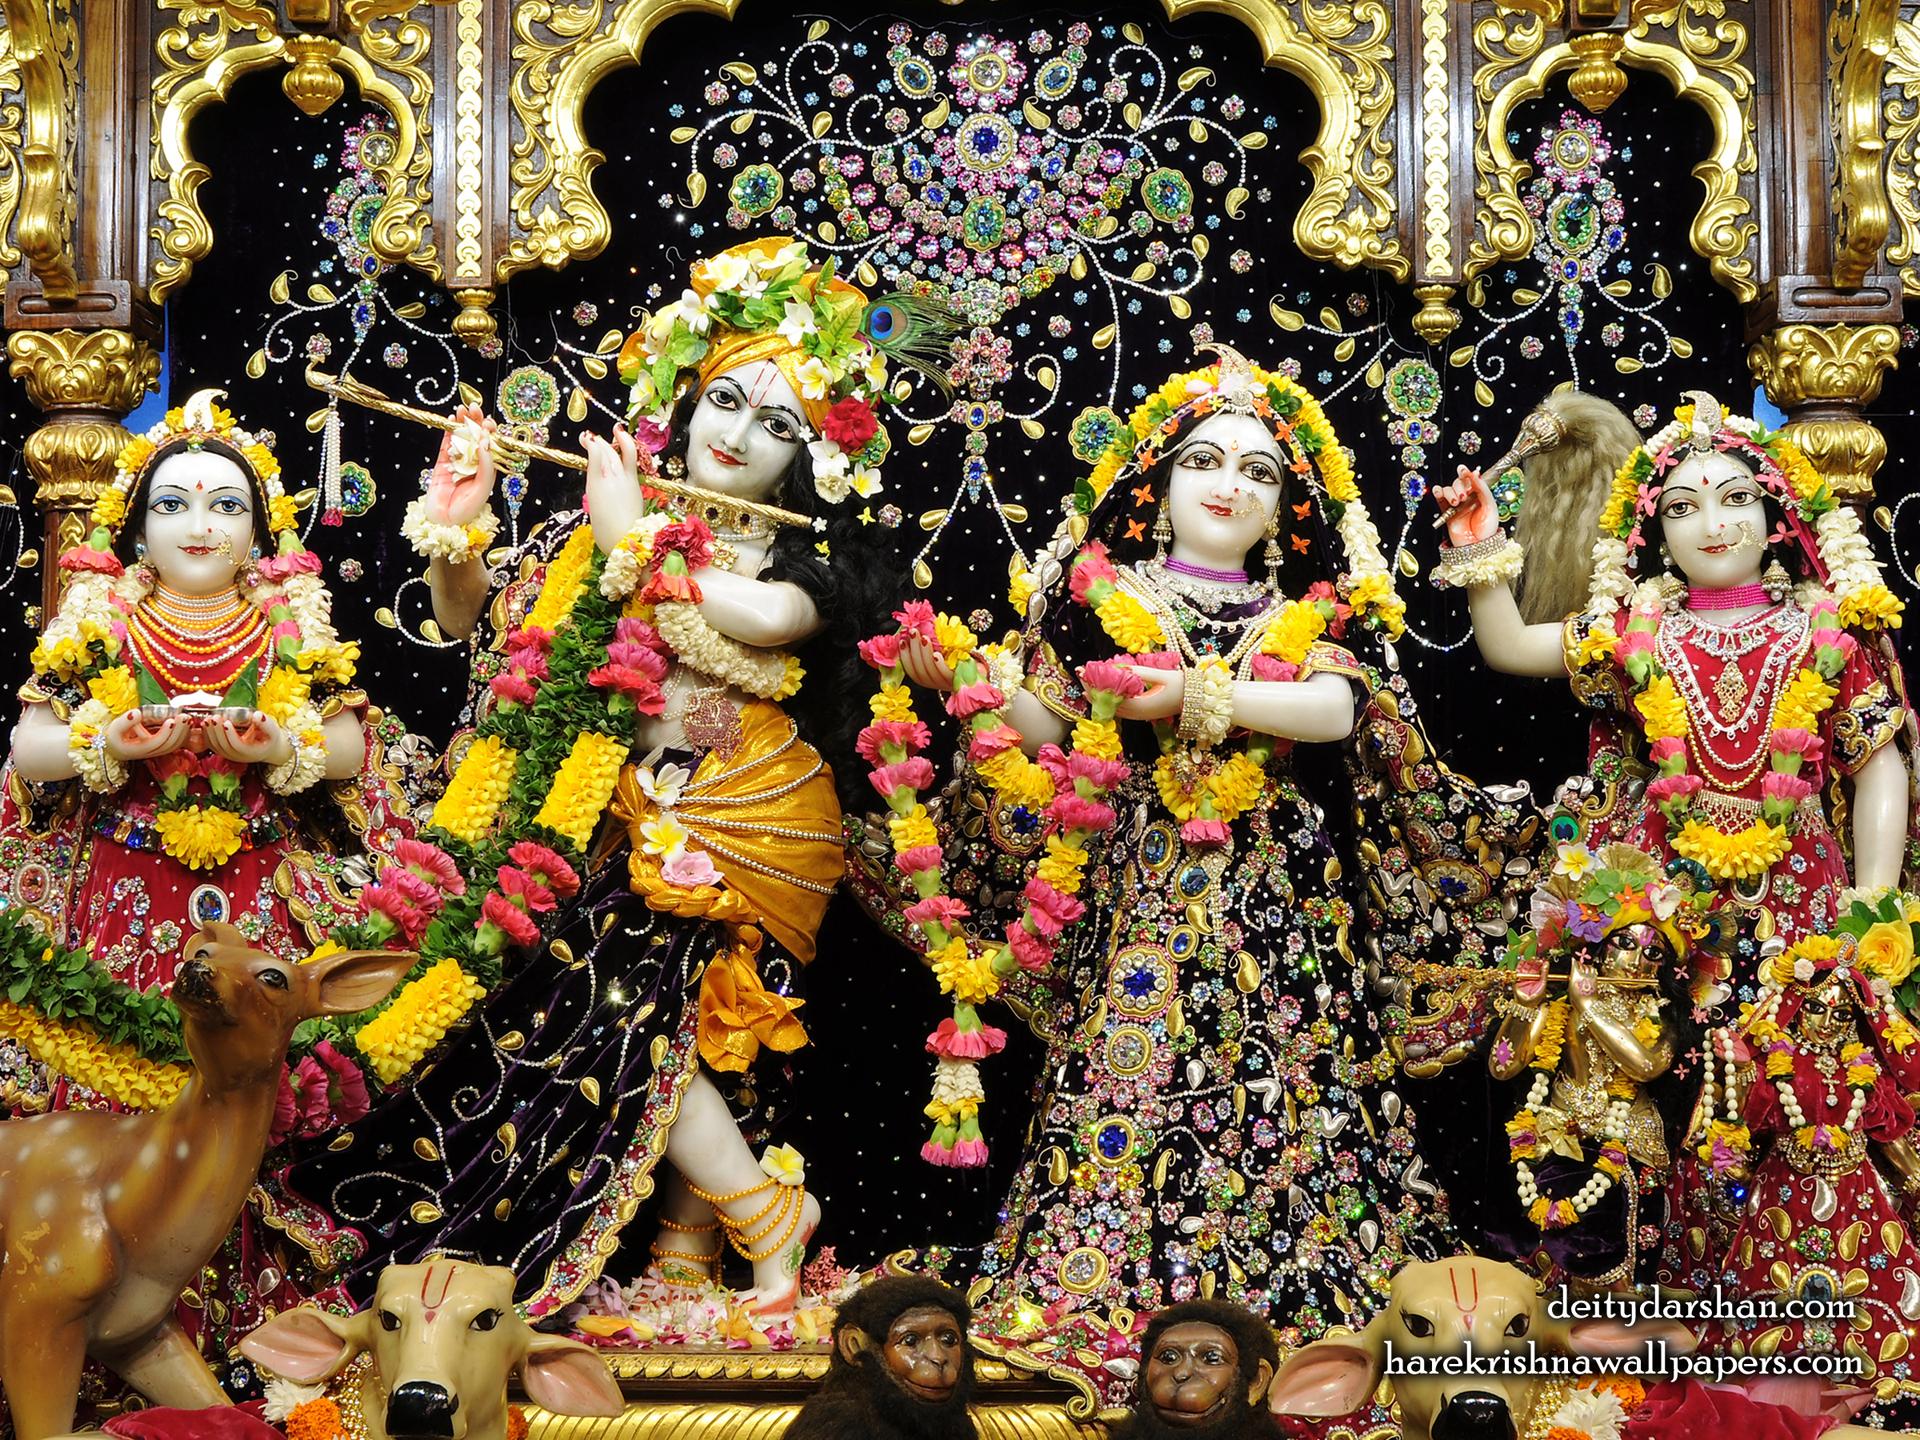 Sri Sri Radha Gopinath Lalita Vishakha Wallpaper (063) Size 1920x1440 Download